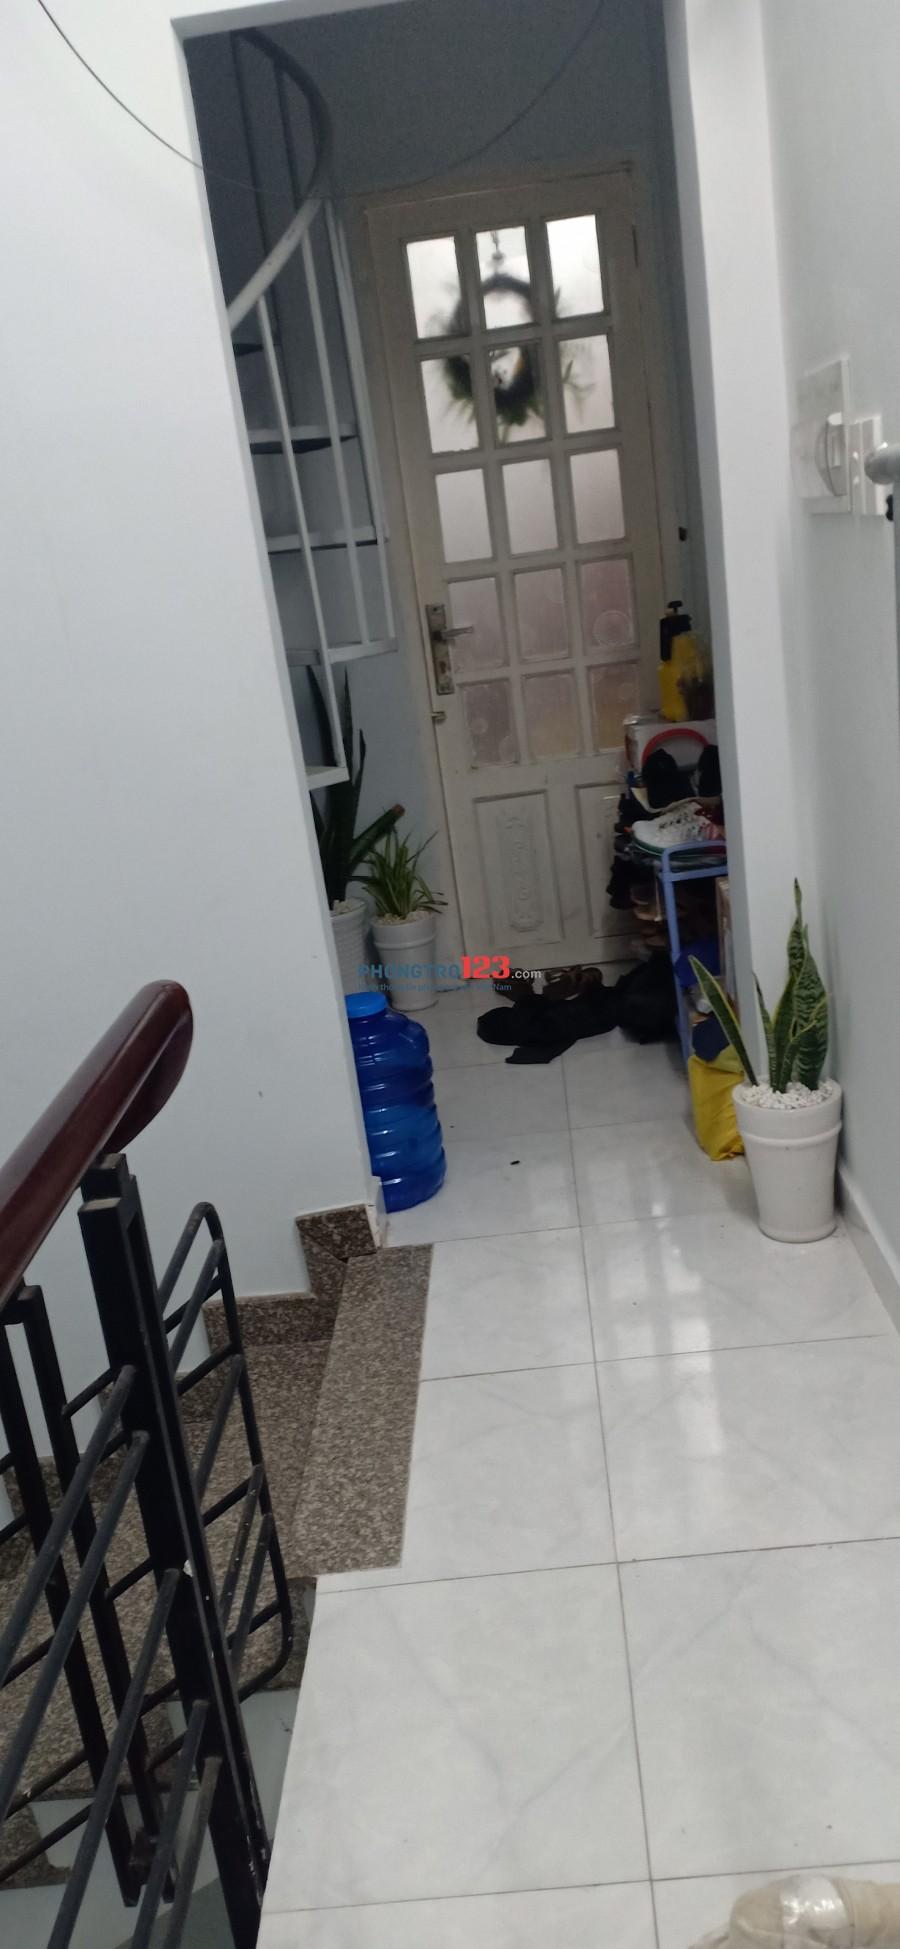 Cho thuê phòng trọ tại số 62 Bình Lợi Phường 13 quận Bình Thạnh